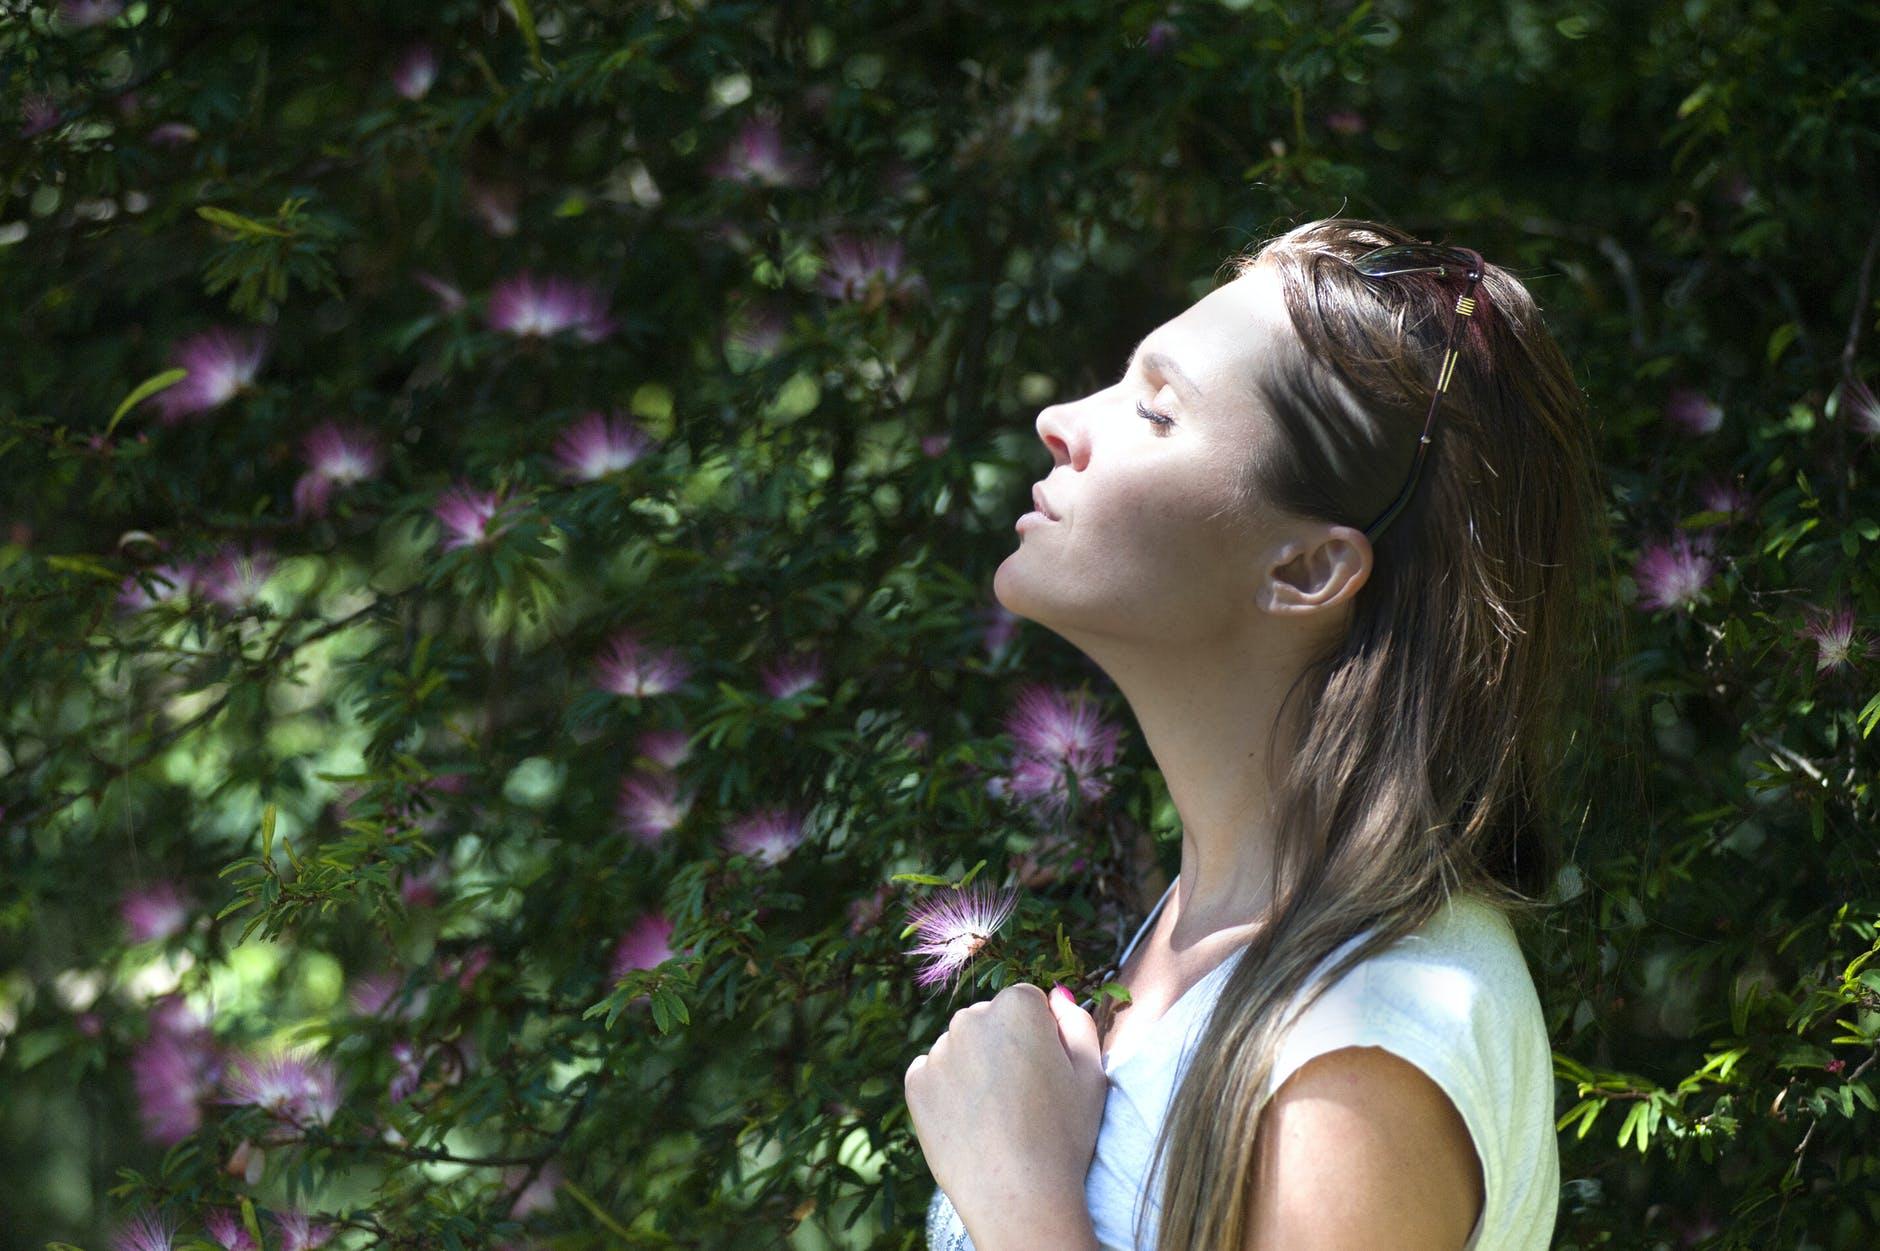 Comment le bain sonore influe sur la tension artérielle, le stress et l'anxiété ?